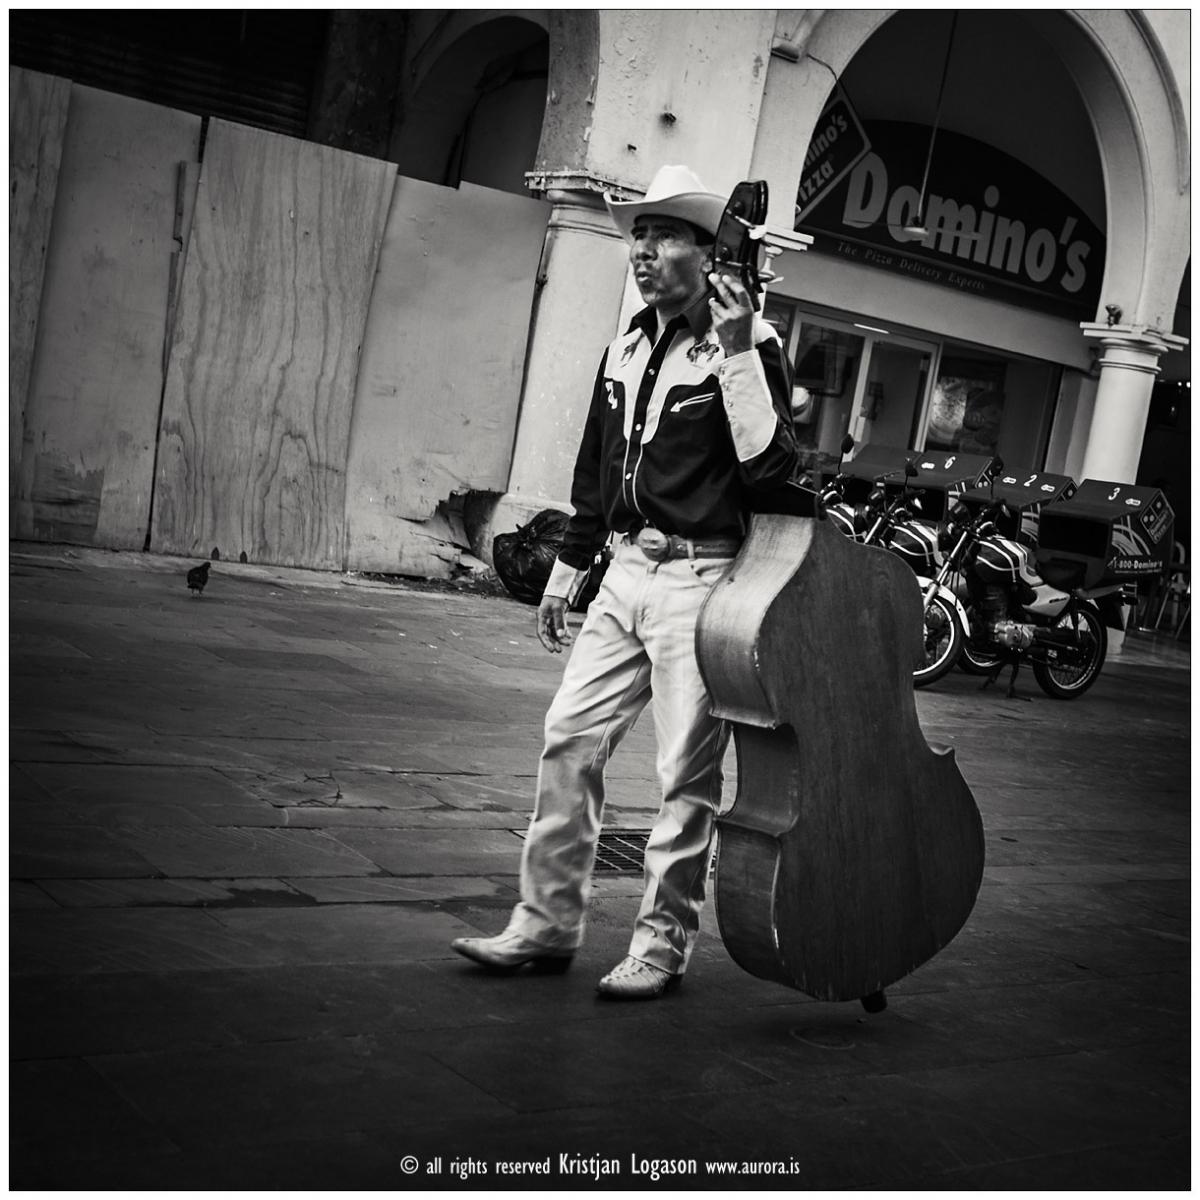 Walking mariachi bass